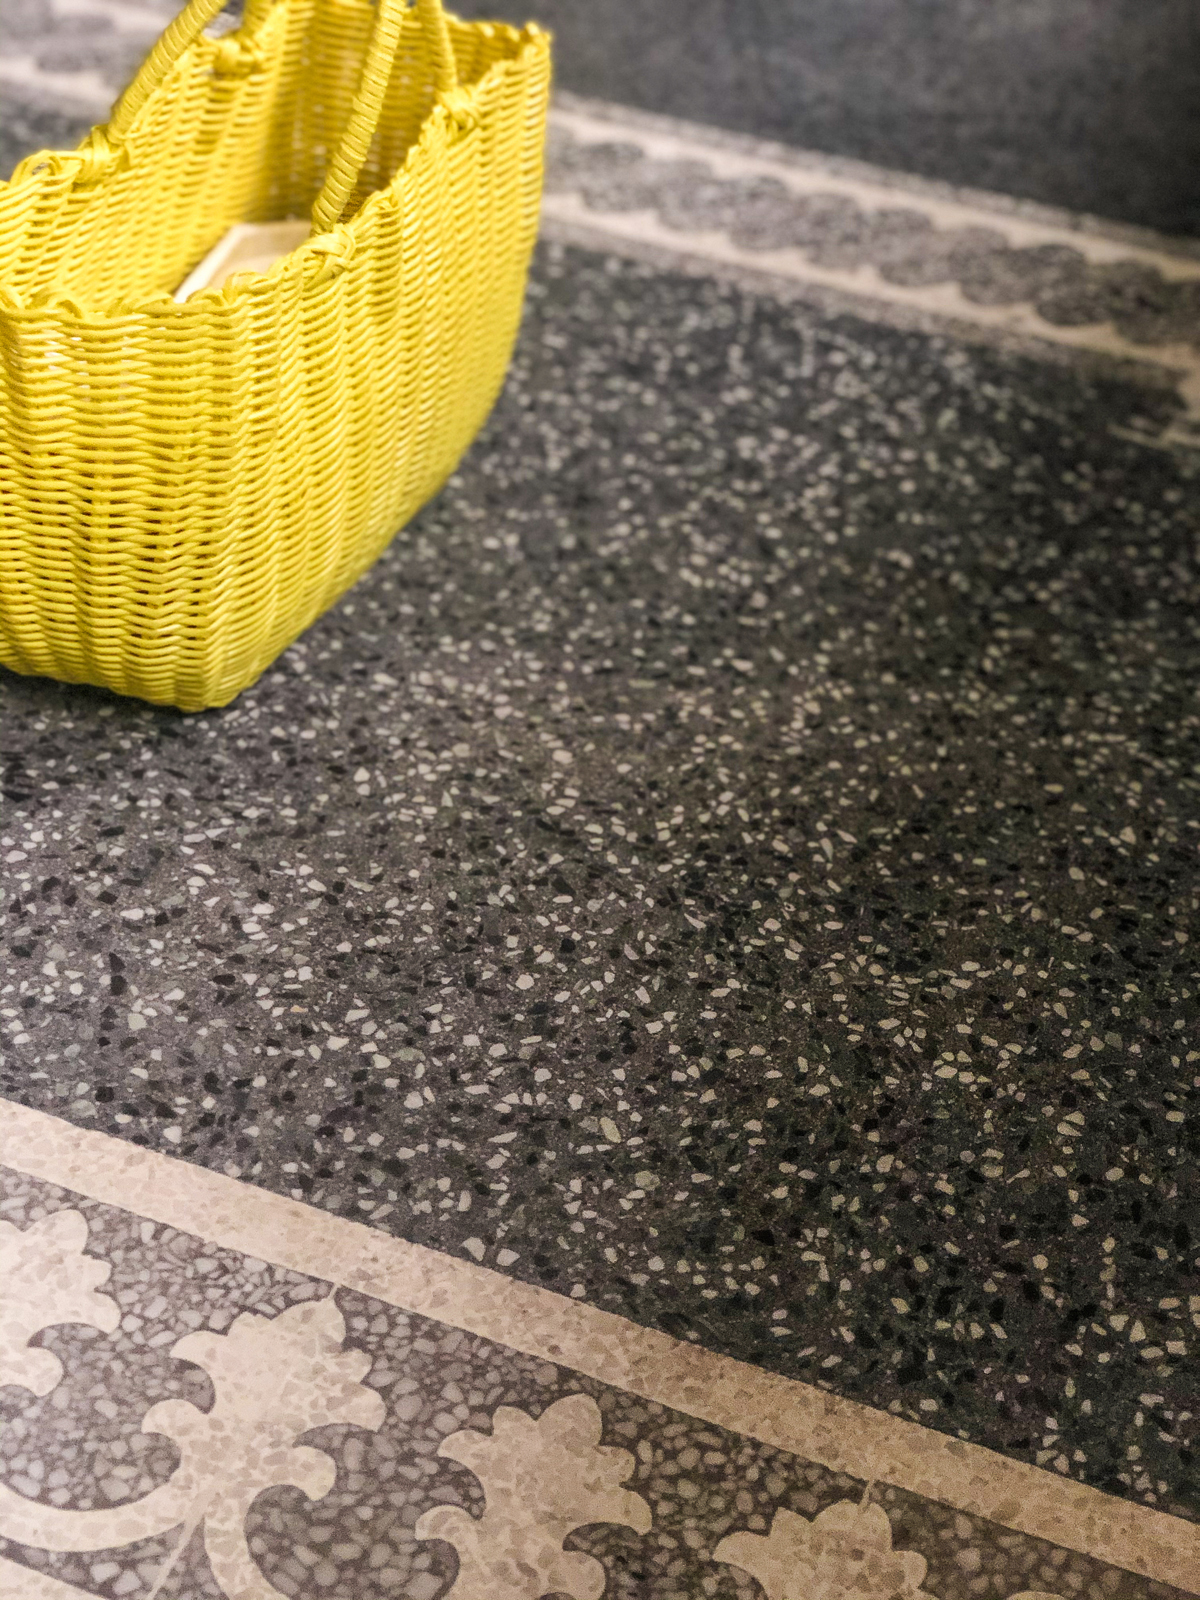 zementfliesen-viaplatten-terrazzo-fugenlos-rand-921054-920301 | N° T00952